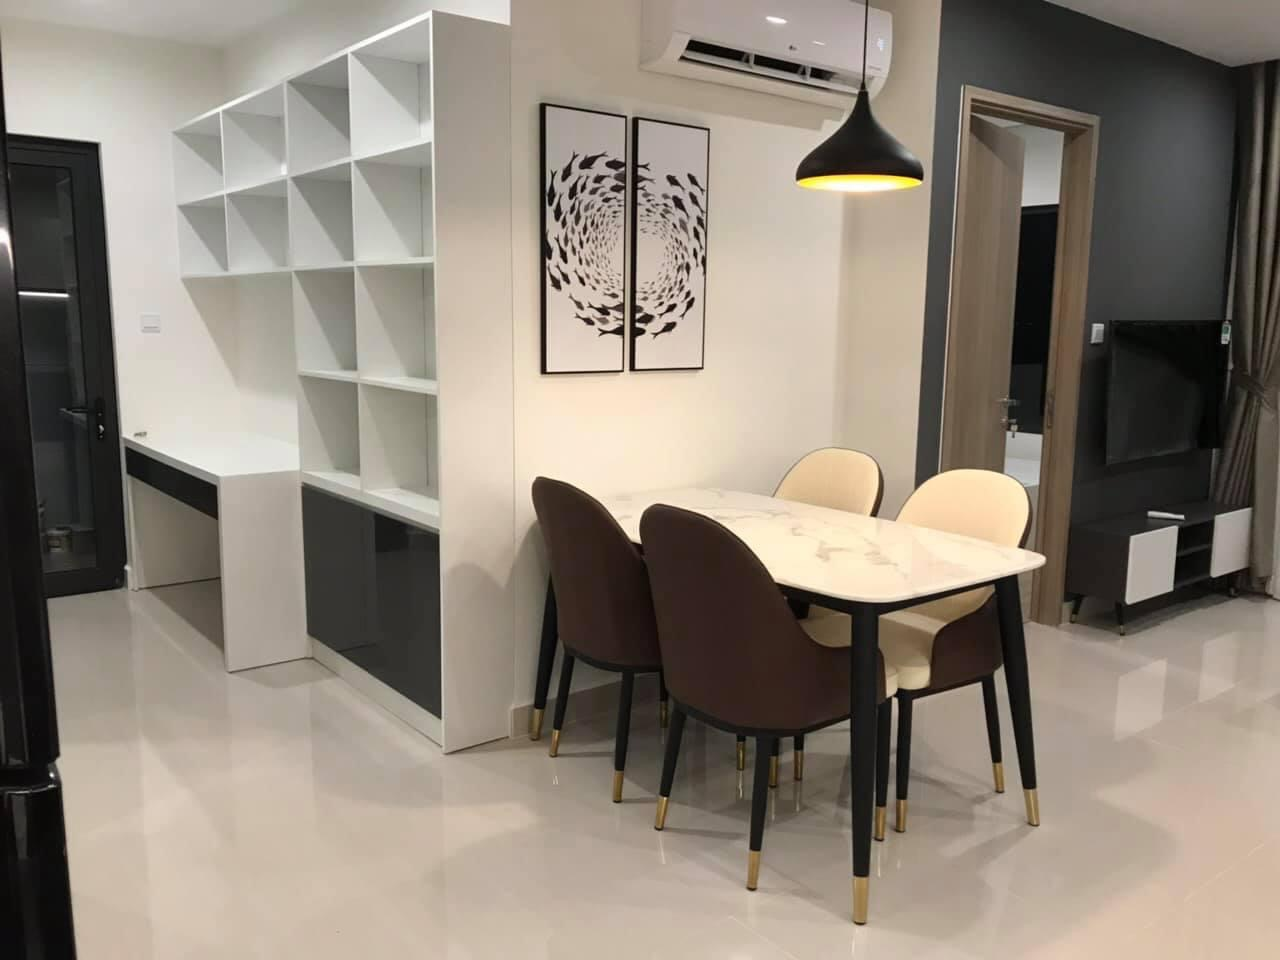 Căn hộ 2 phòng ngủ nội thất đầy đủ tầng 5 toà S2.03 giá 8tr/tháng 2